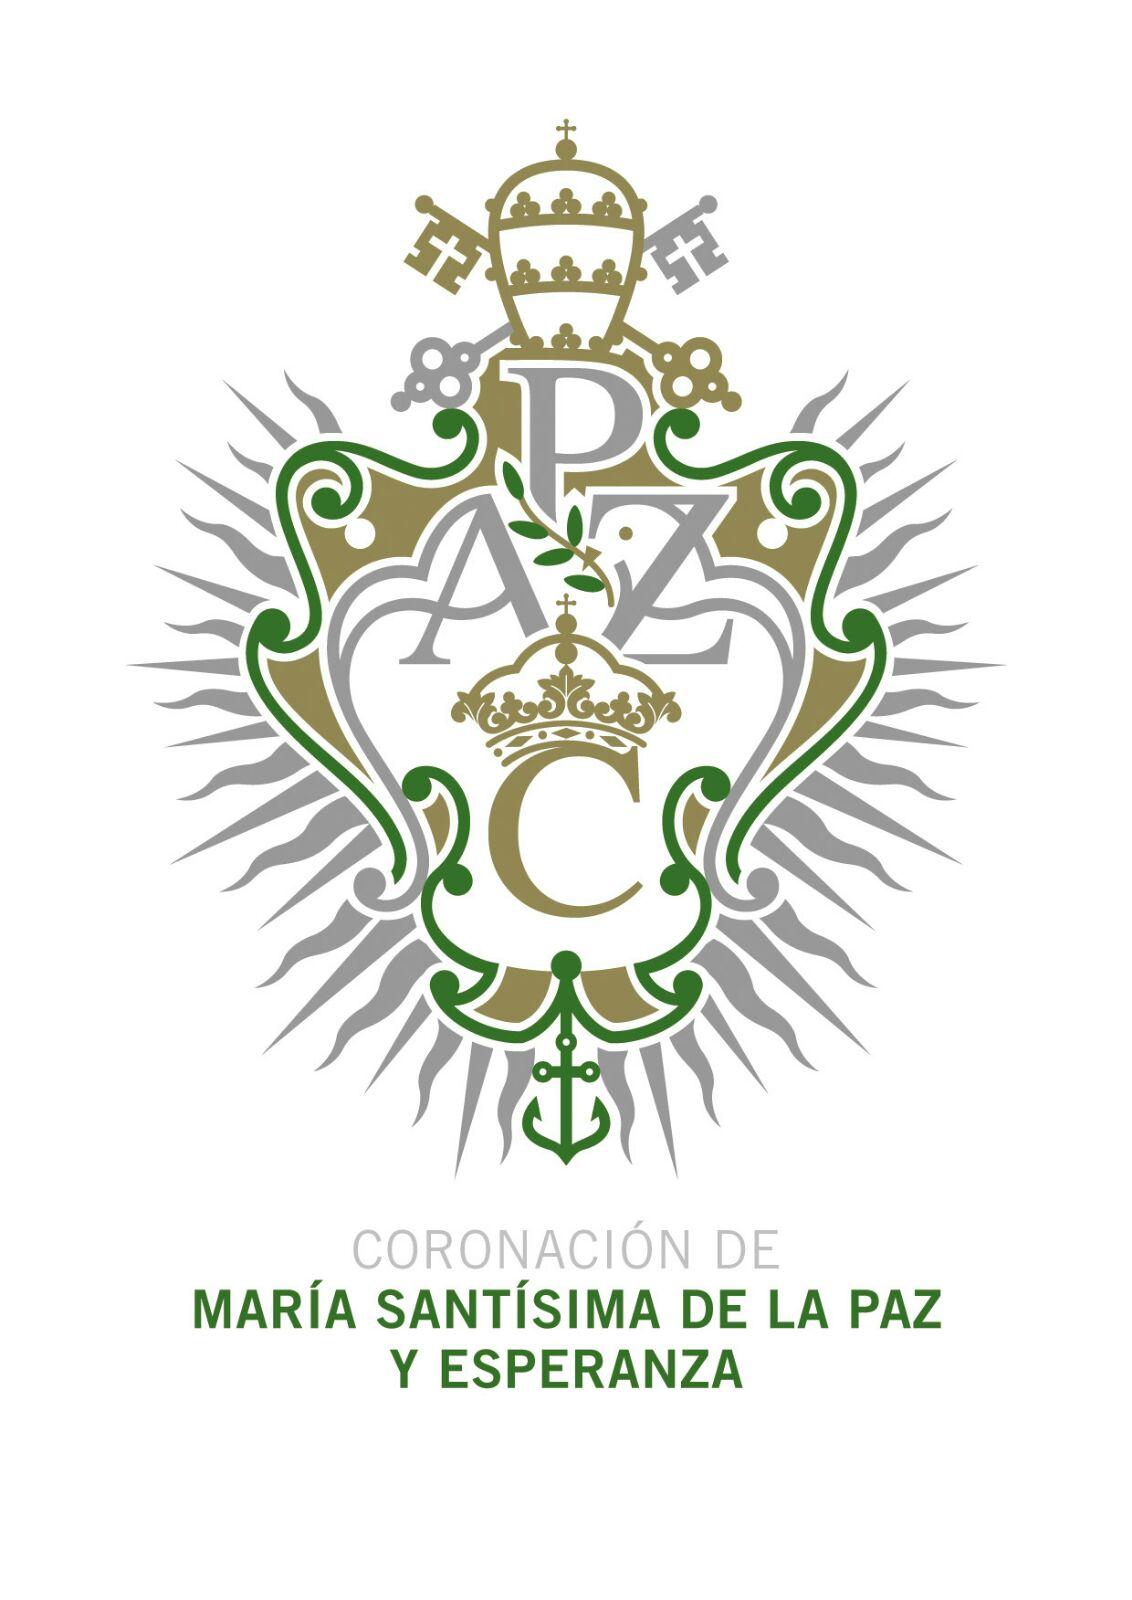 Coronación de María Santísima de la Paz y Esperanza